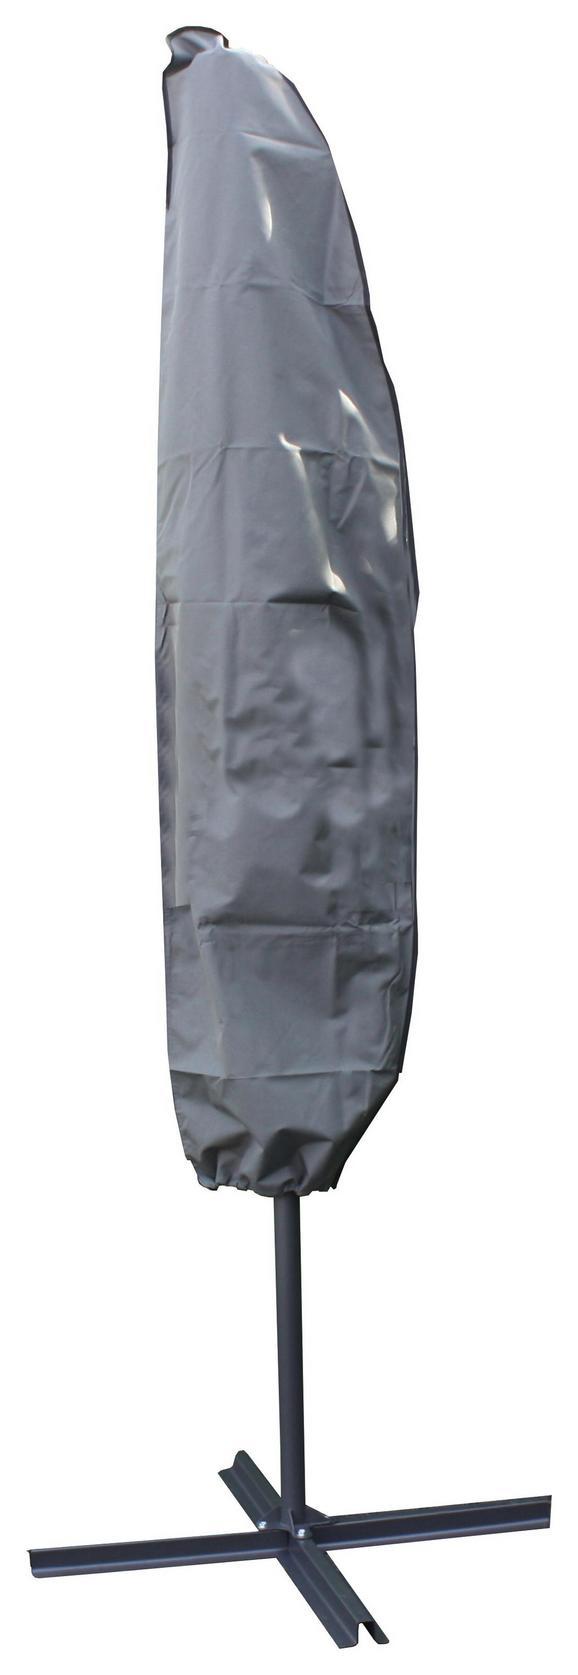 Schirmhülle Cover in Grau - Grau, Textil (60/220/cm) - Modern Living